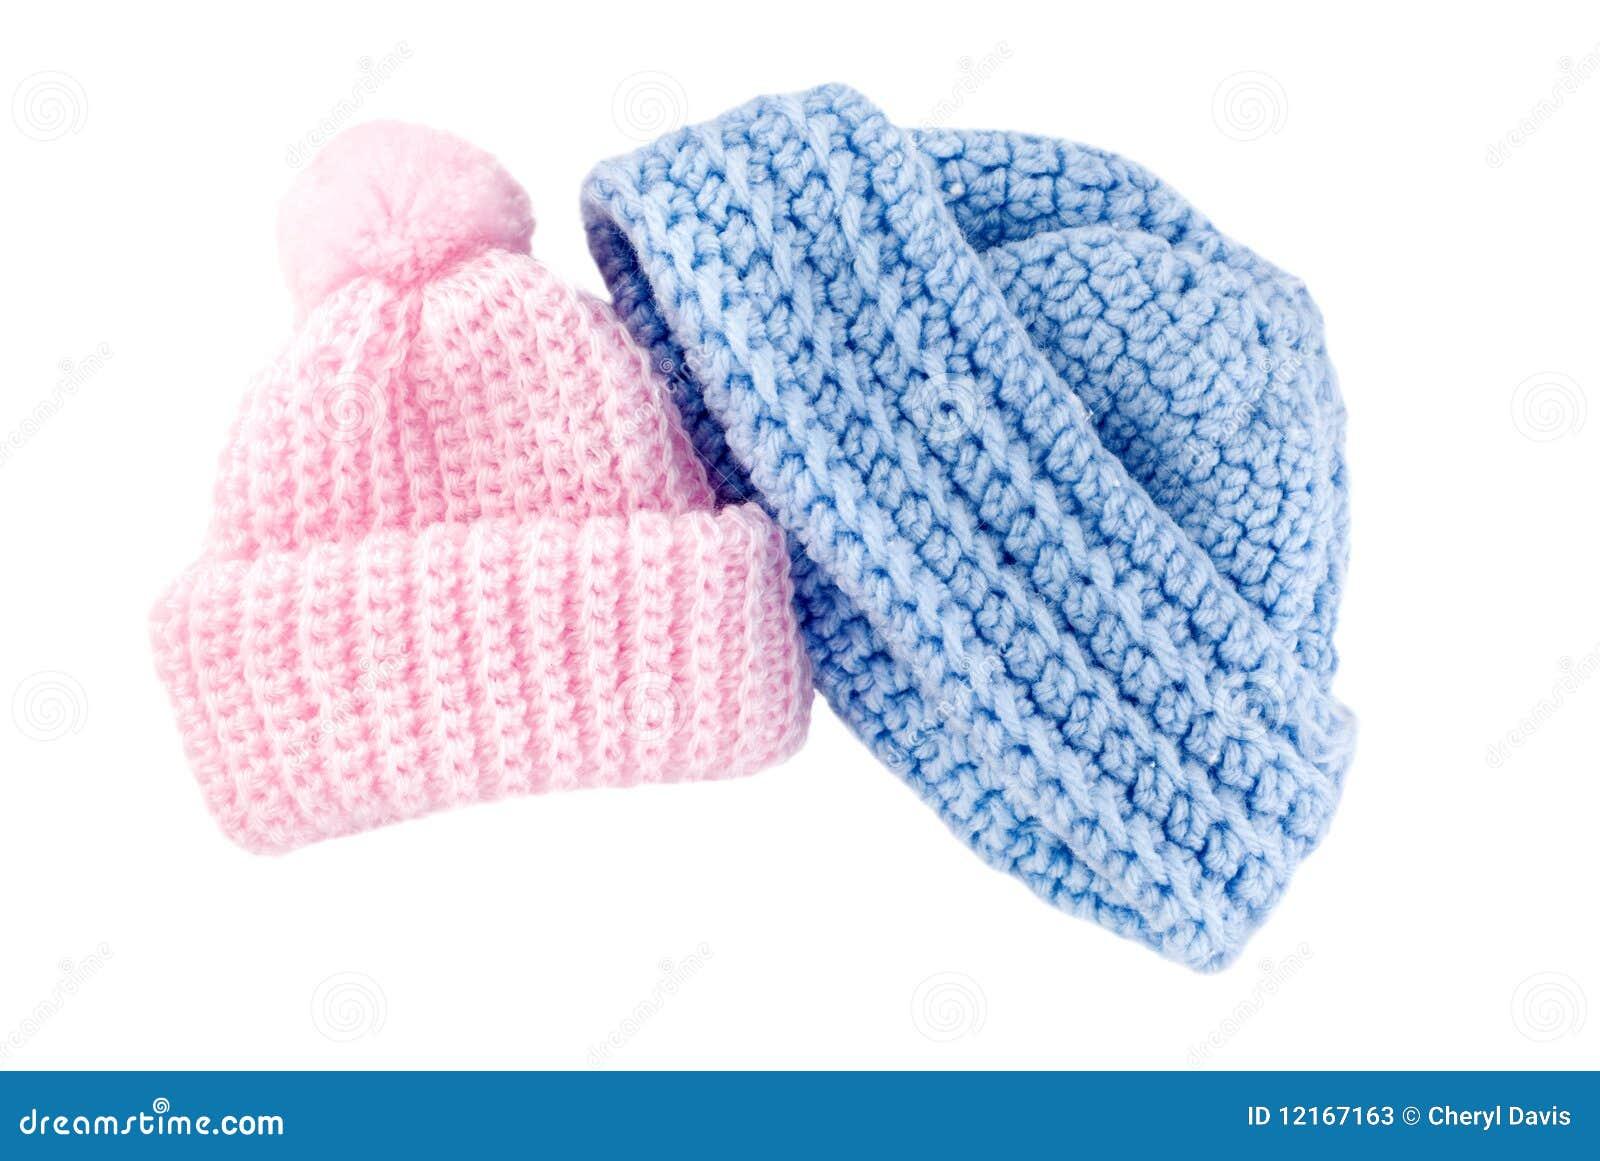 πλεγμένα καπέλα κοριτσιών